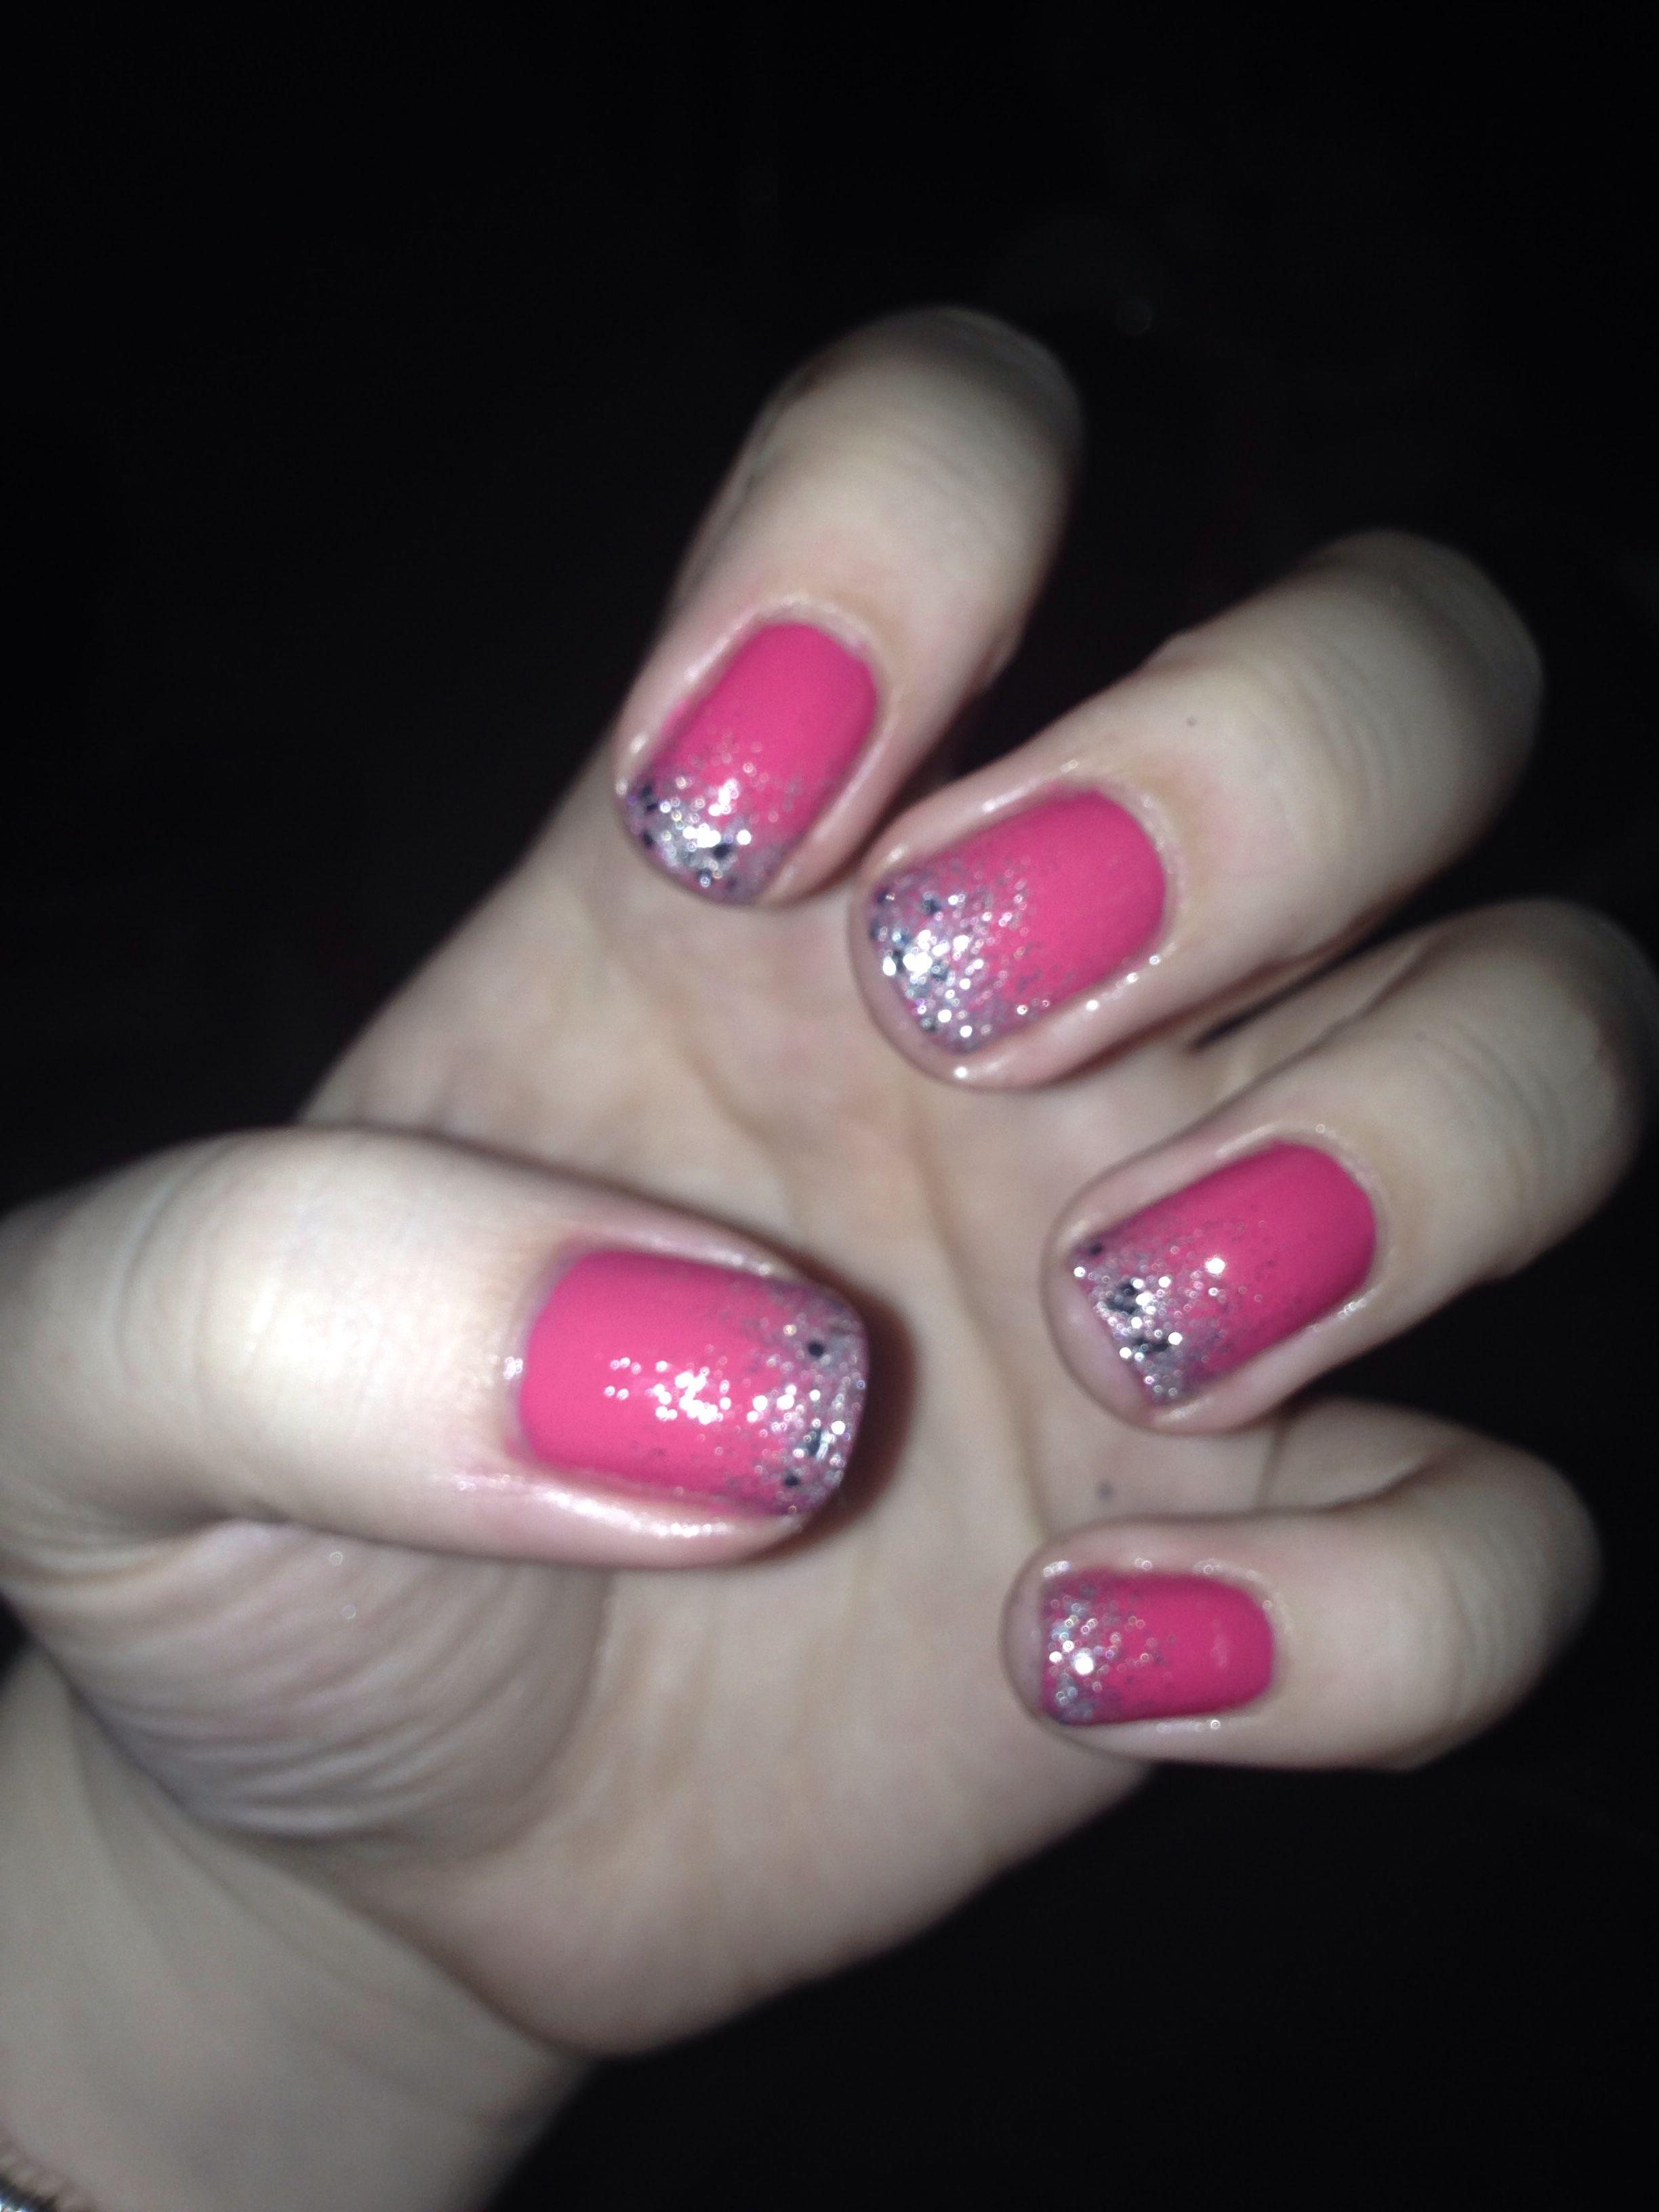 Vikkis Design - Pink/Silver Glitter Gradient